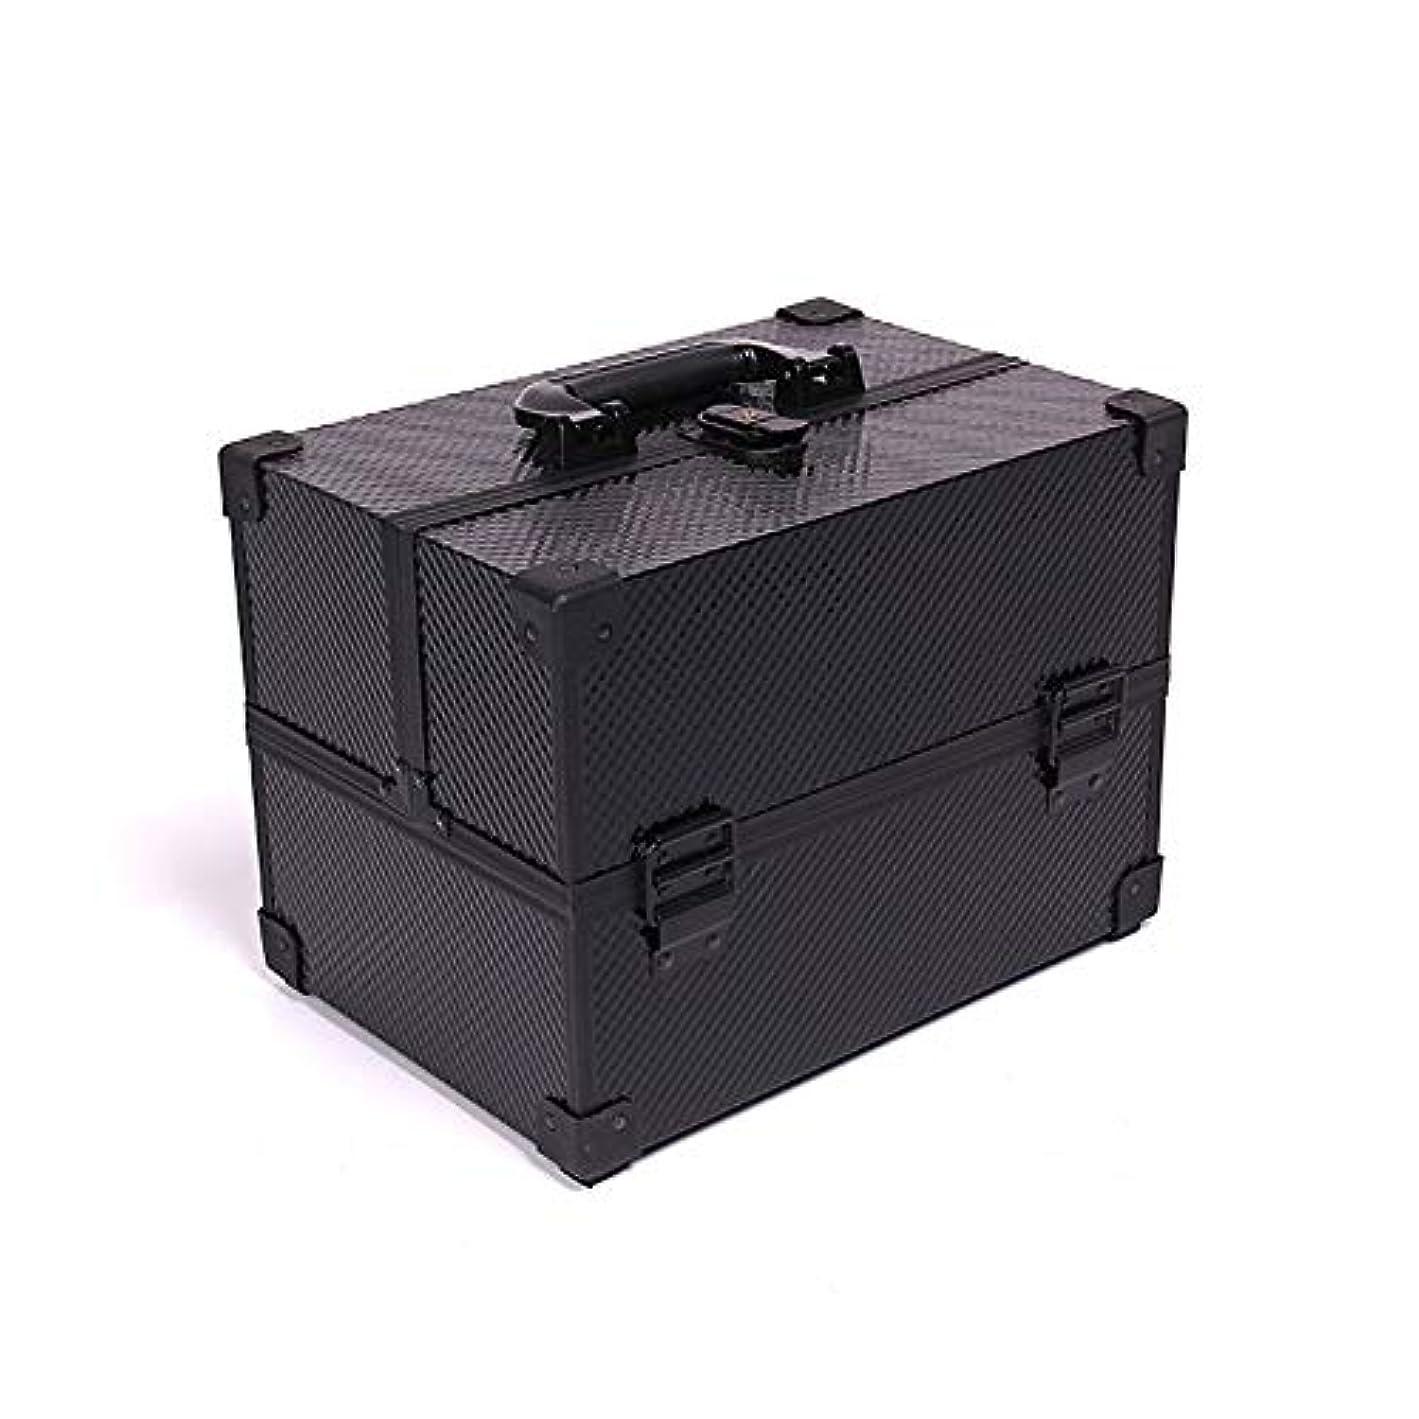 厚くする自動制限化粧オーガナイザーバッグ メイクアップボックスアルミケース美容ボックス美容化粧品フェイクレザーブラック 化粧品ケース